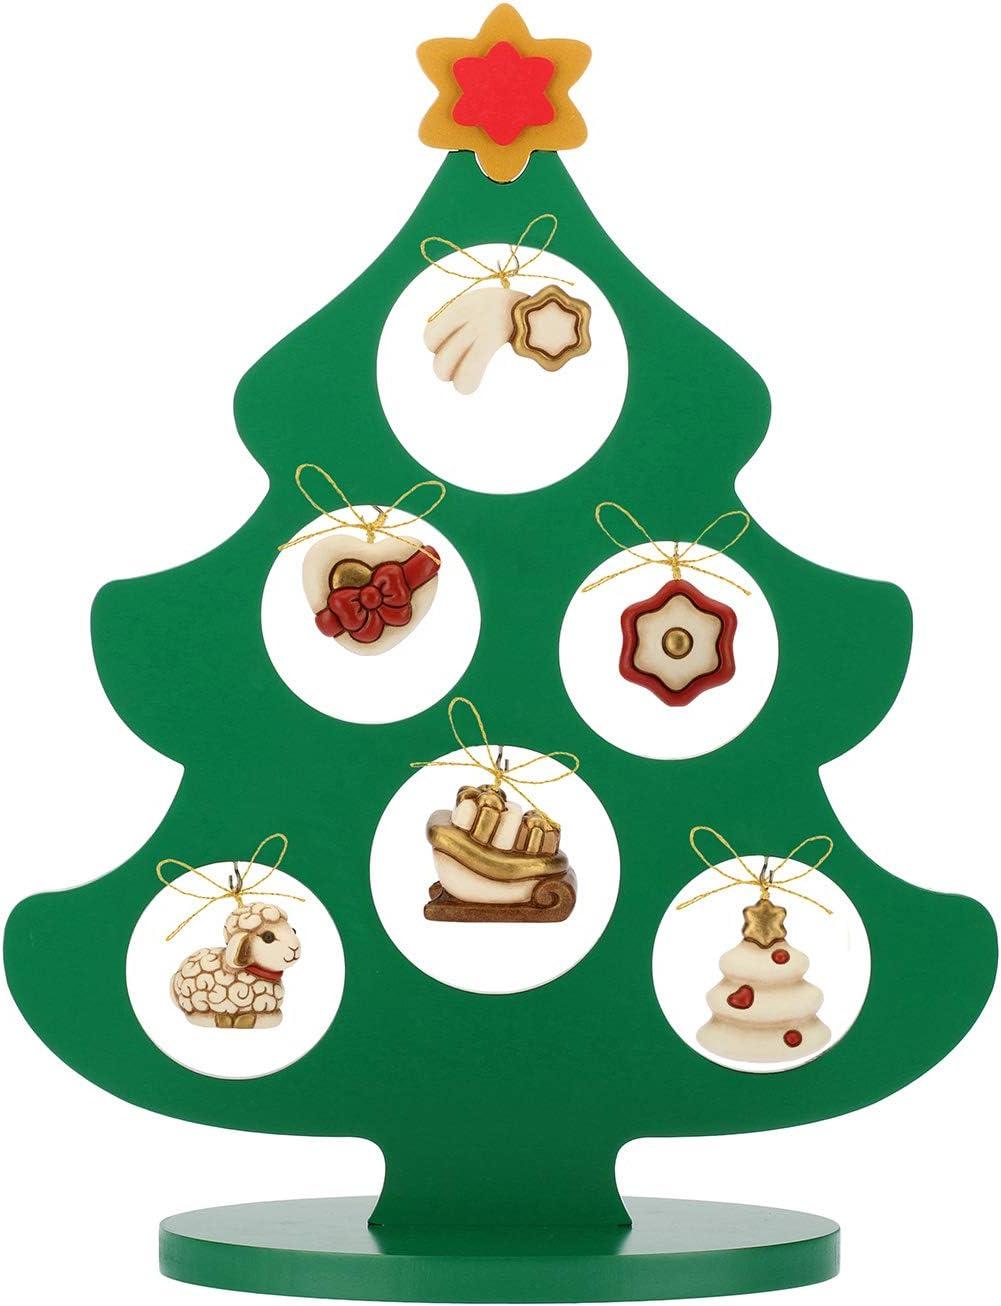 Albero Di Natale Thun Prezzo.Thun Albero Di Natale In Legno Con 6 Mini Addobbi Ceramica H 41 5 Cm Linea I Classici Amazon It Casa E Cucina